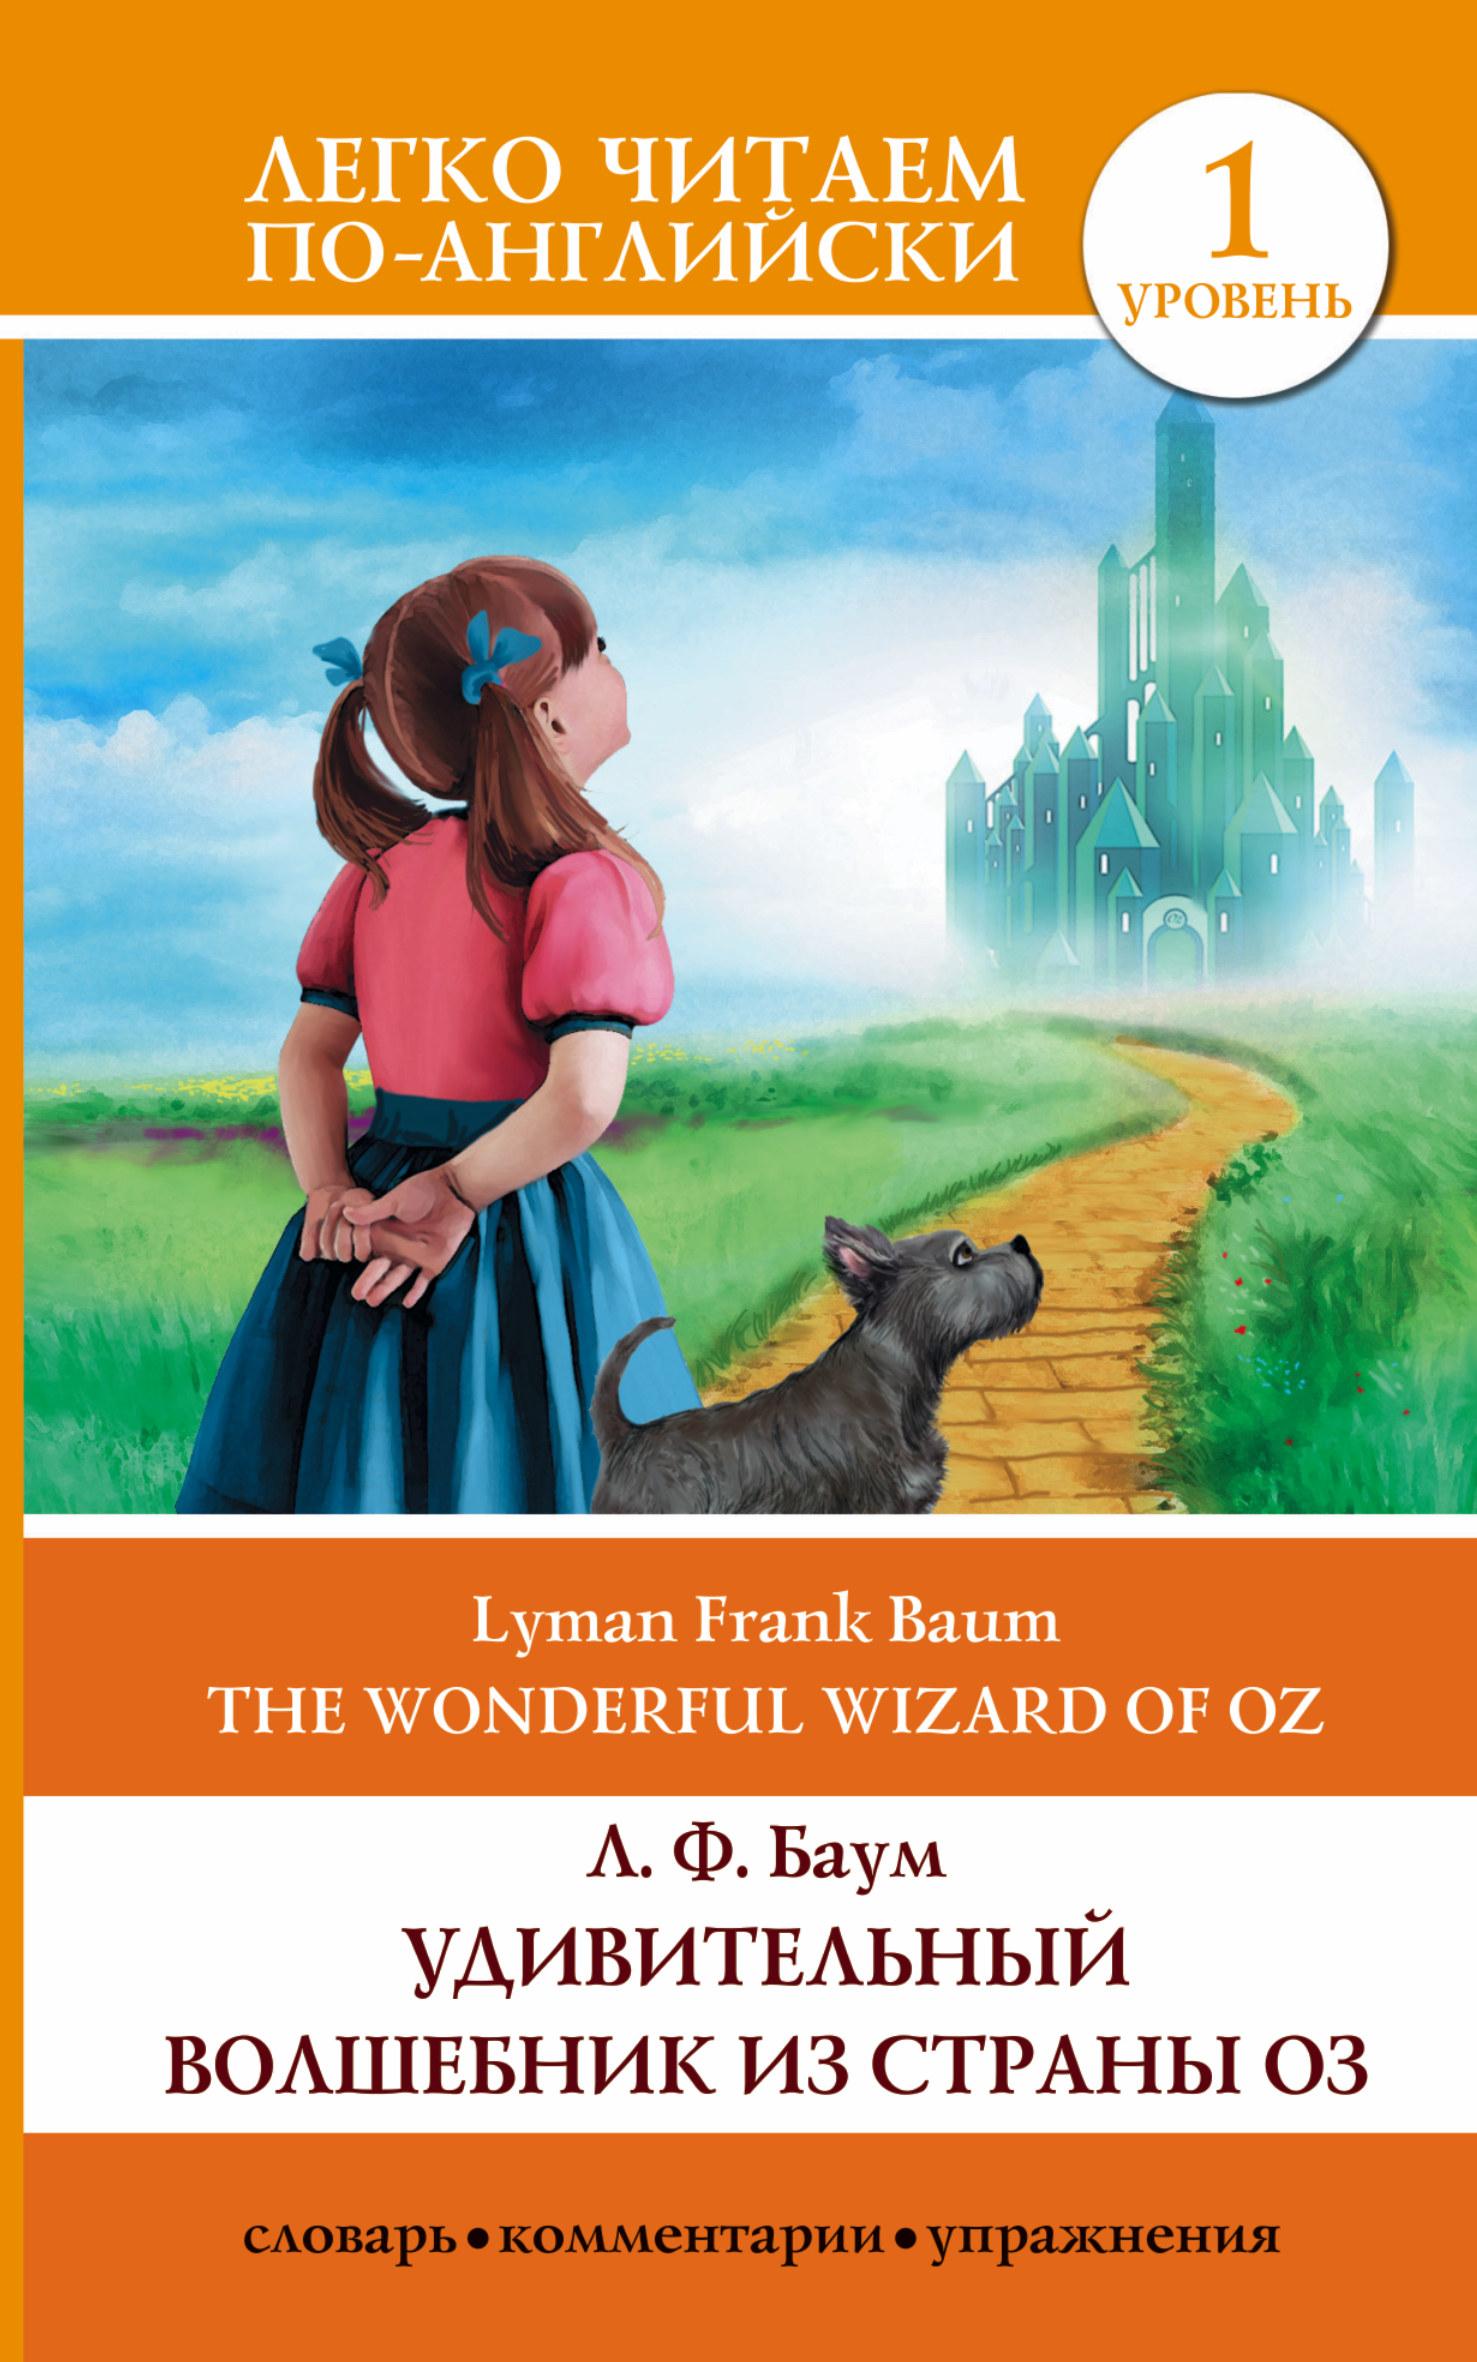 Л. Ф. Баум Удивительный волшебник из страны Оз = The Wonderful Wizard of Oz баум л the wonderful wizard of oz